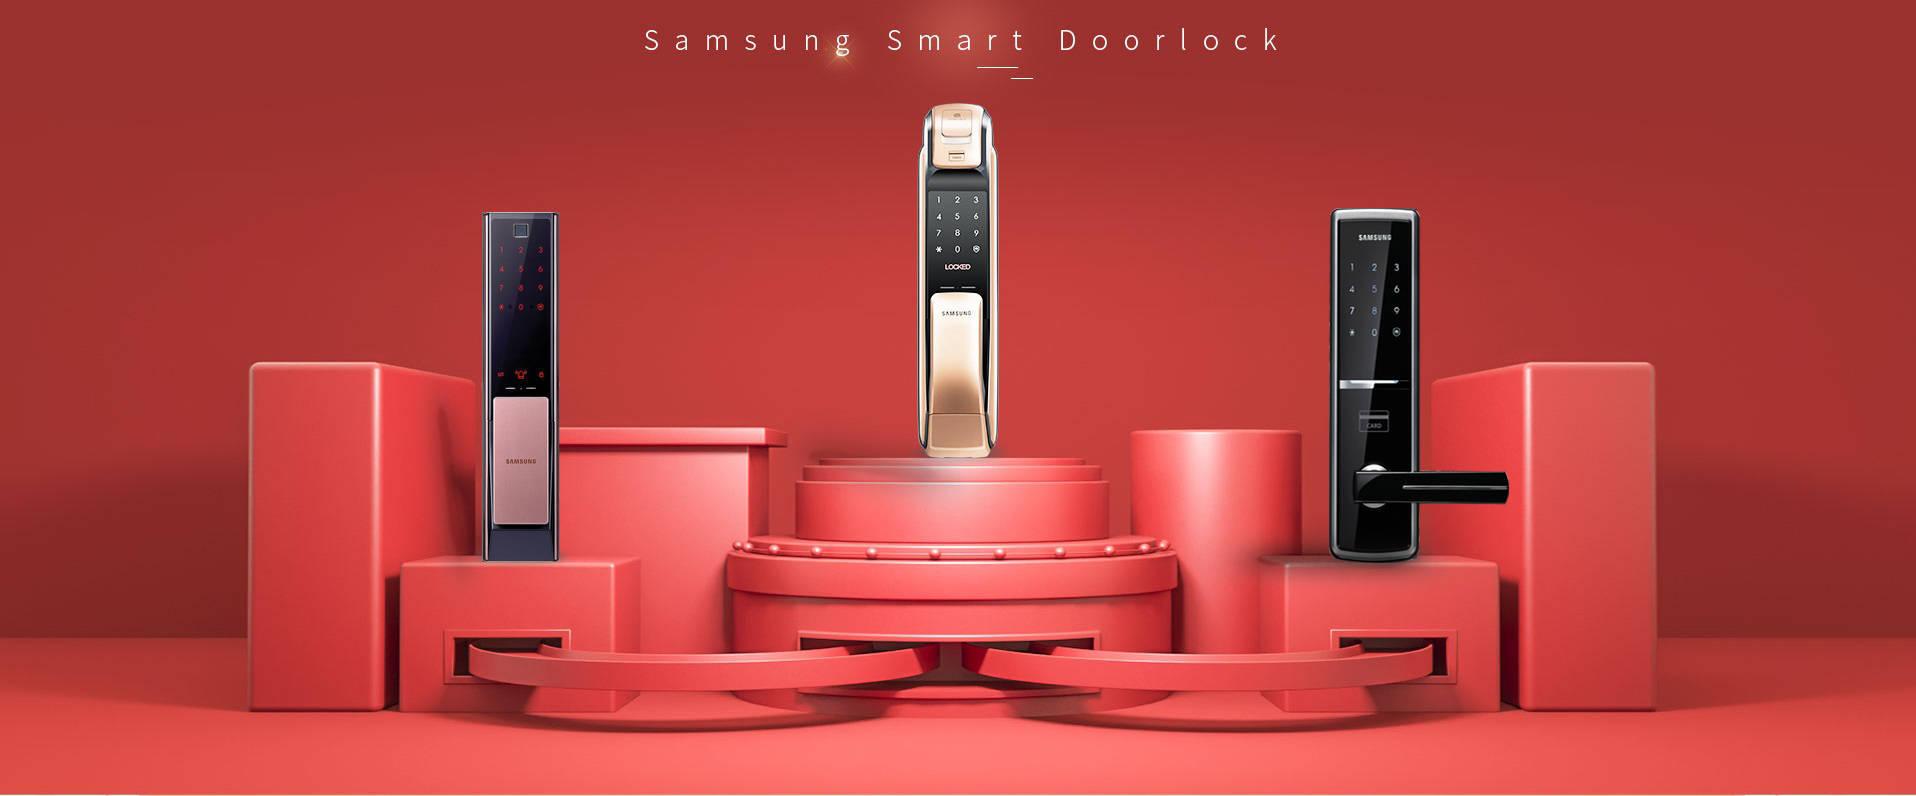 اولین و بزرگترین وارد کننده قفل دیجیتال سامسونگ در ایران